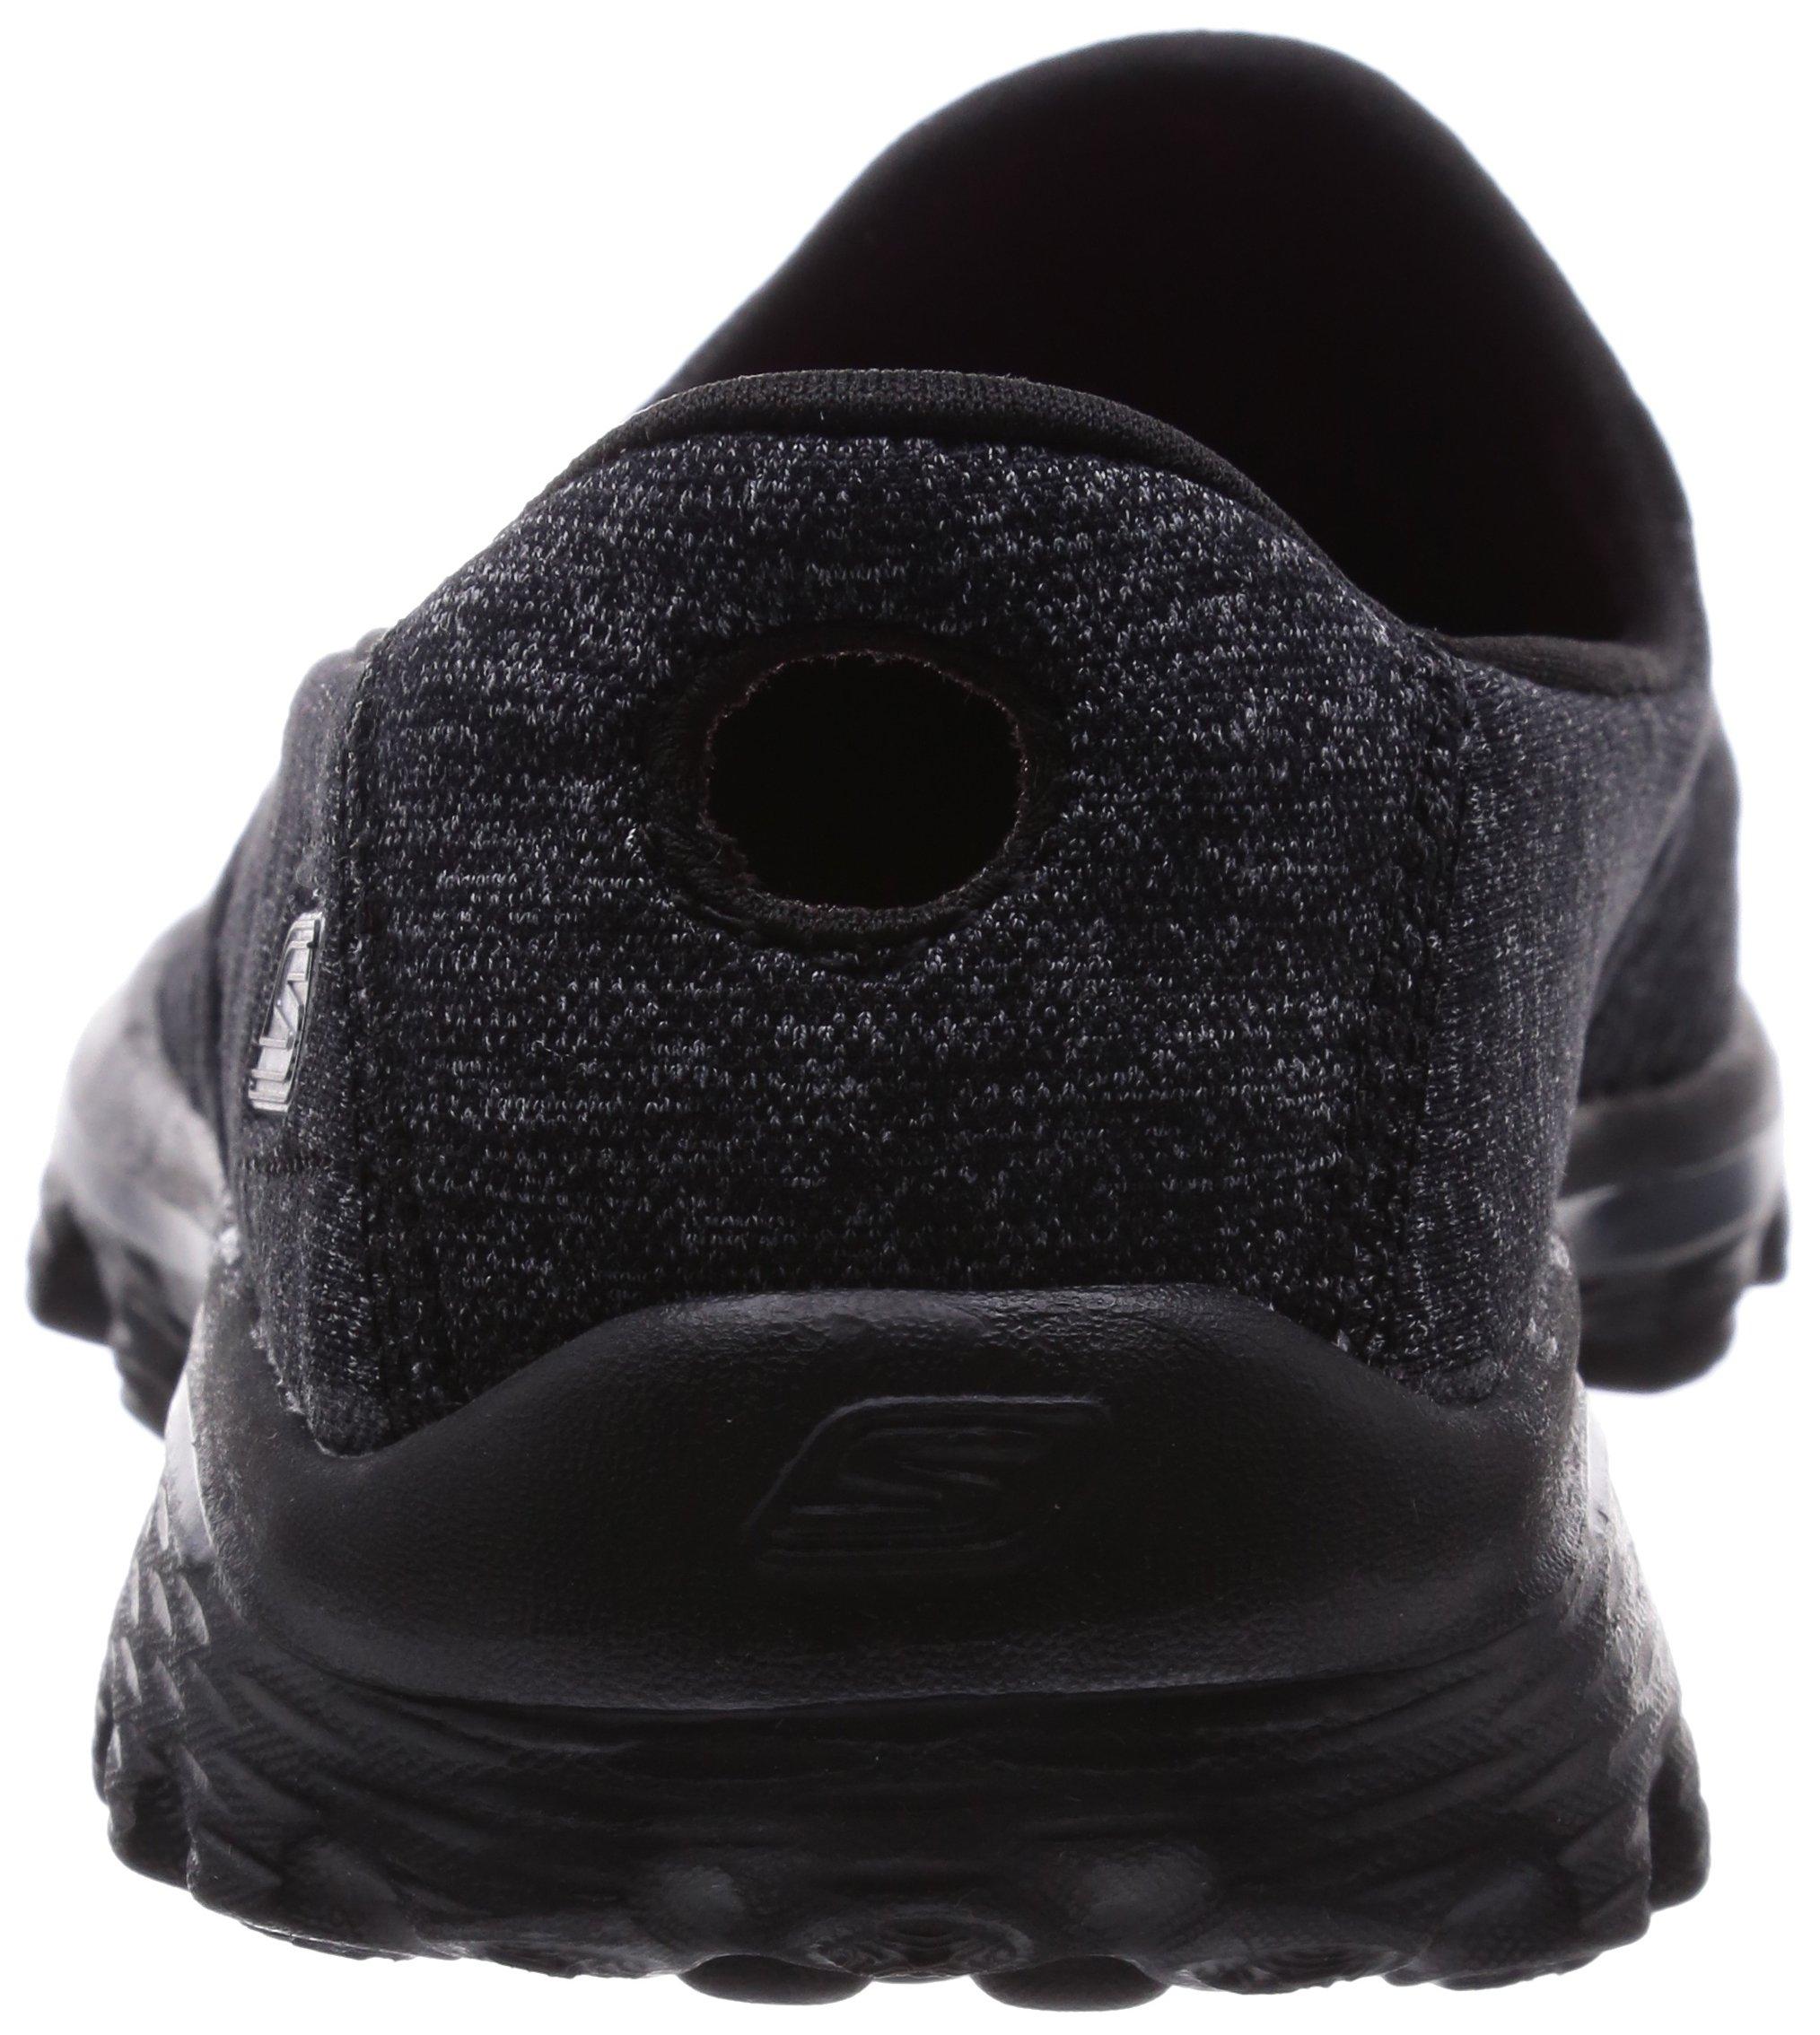 Skechers Performance Women's Go Walk 2 Super Sock Slip-On Walking Shoe,Old Black,7.5 M US by Skechers (Image #2)